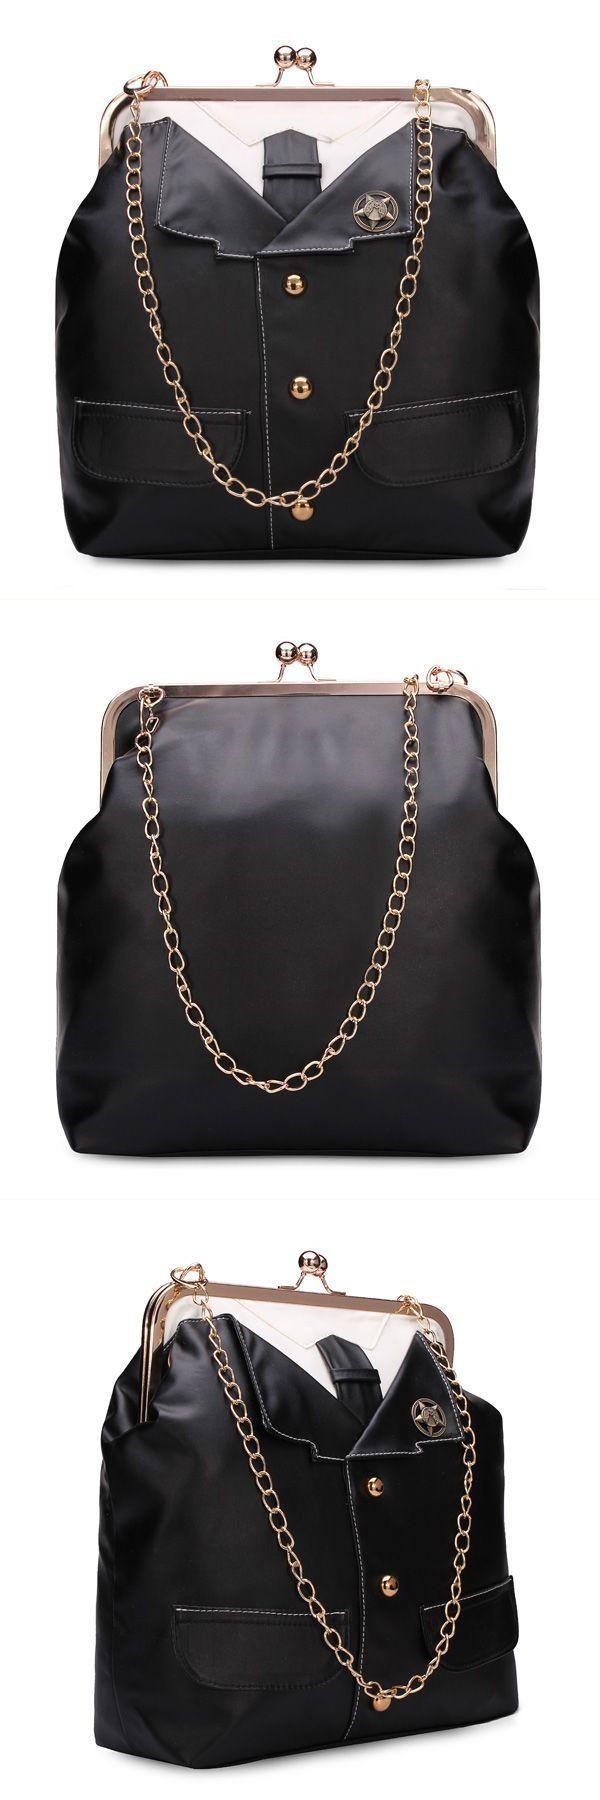 Blue q handbags women medal school uniforms clothes chain portable shoulder bag #2 #compartment #handbags #handbags #dillards #handbags #on #sale #online #handbags #t #j #maxx